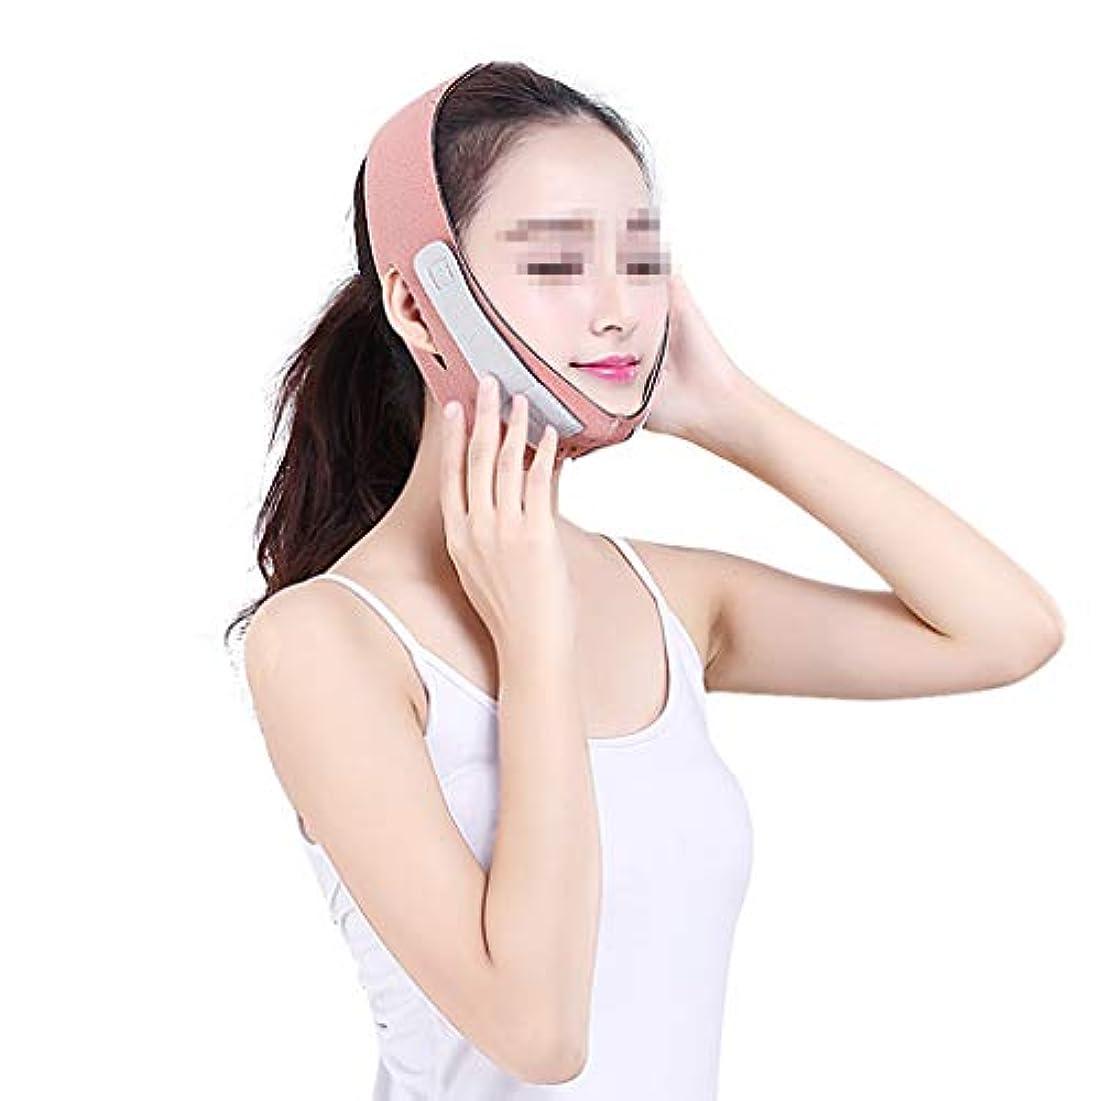 行方不明肥料発送XHLMRMJ 顔の持ち上がる睡眠のV顔の包帯、マスクの顔の顔のマッサージャーのあごの顔の持ち上がる顔の持ち上がる顔の持ち上がる機械